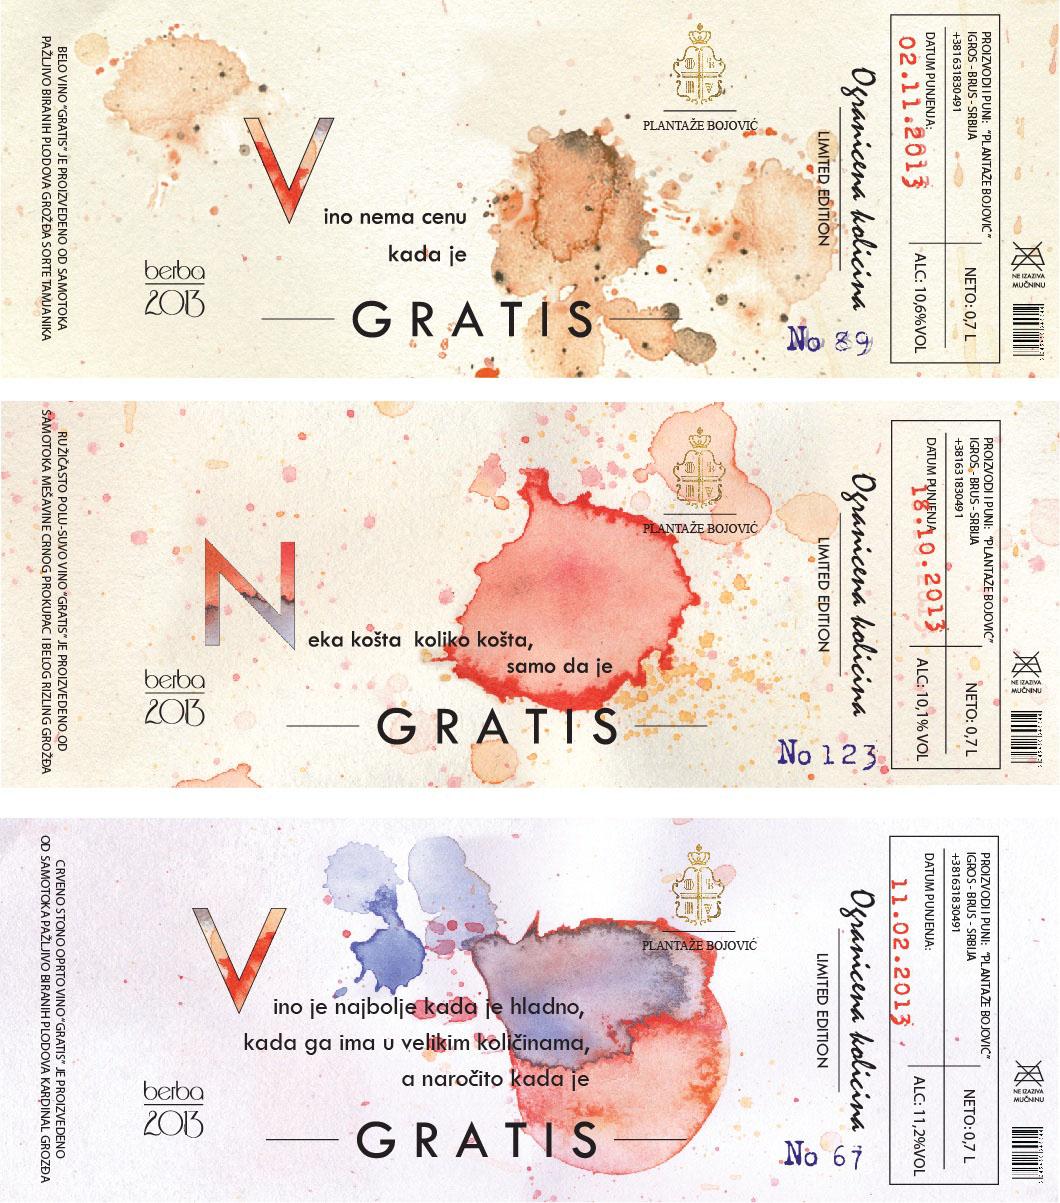 GRATIS (2)